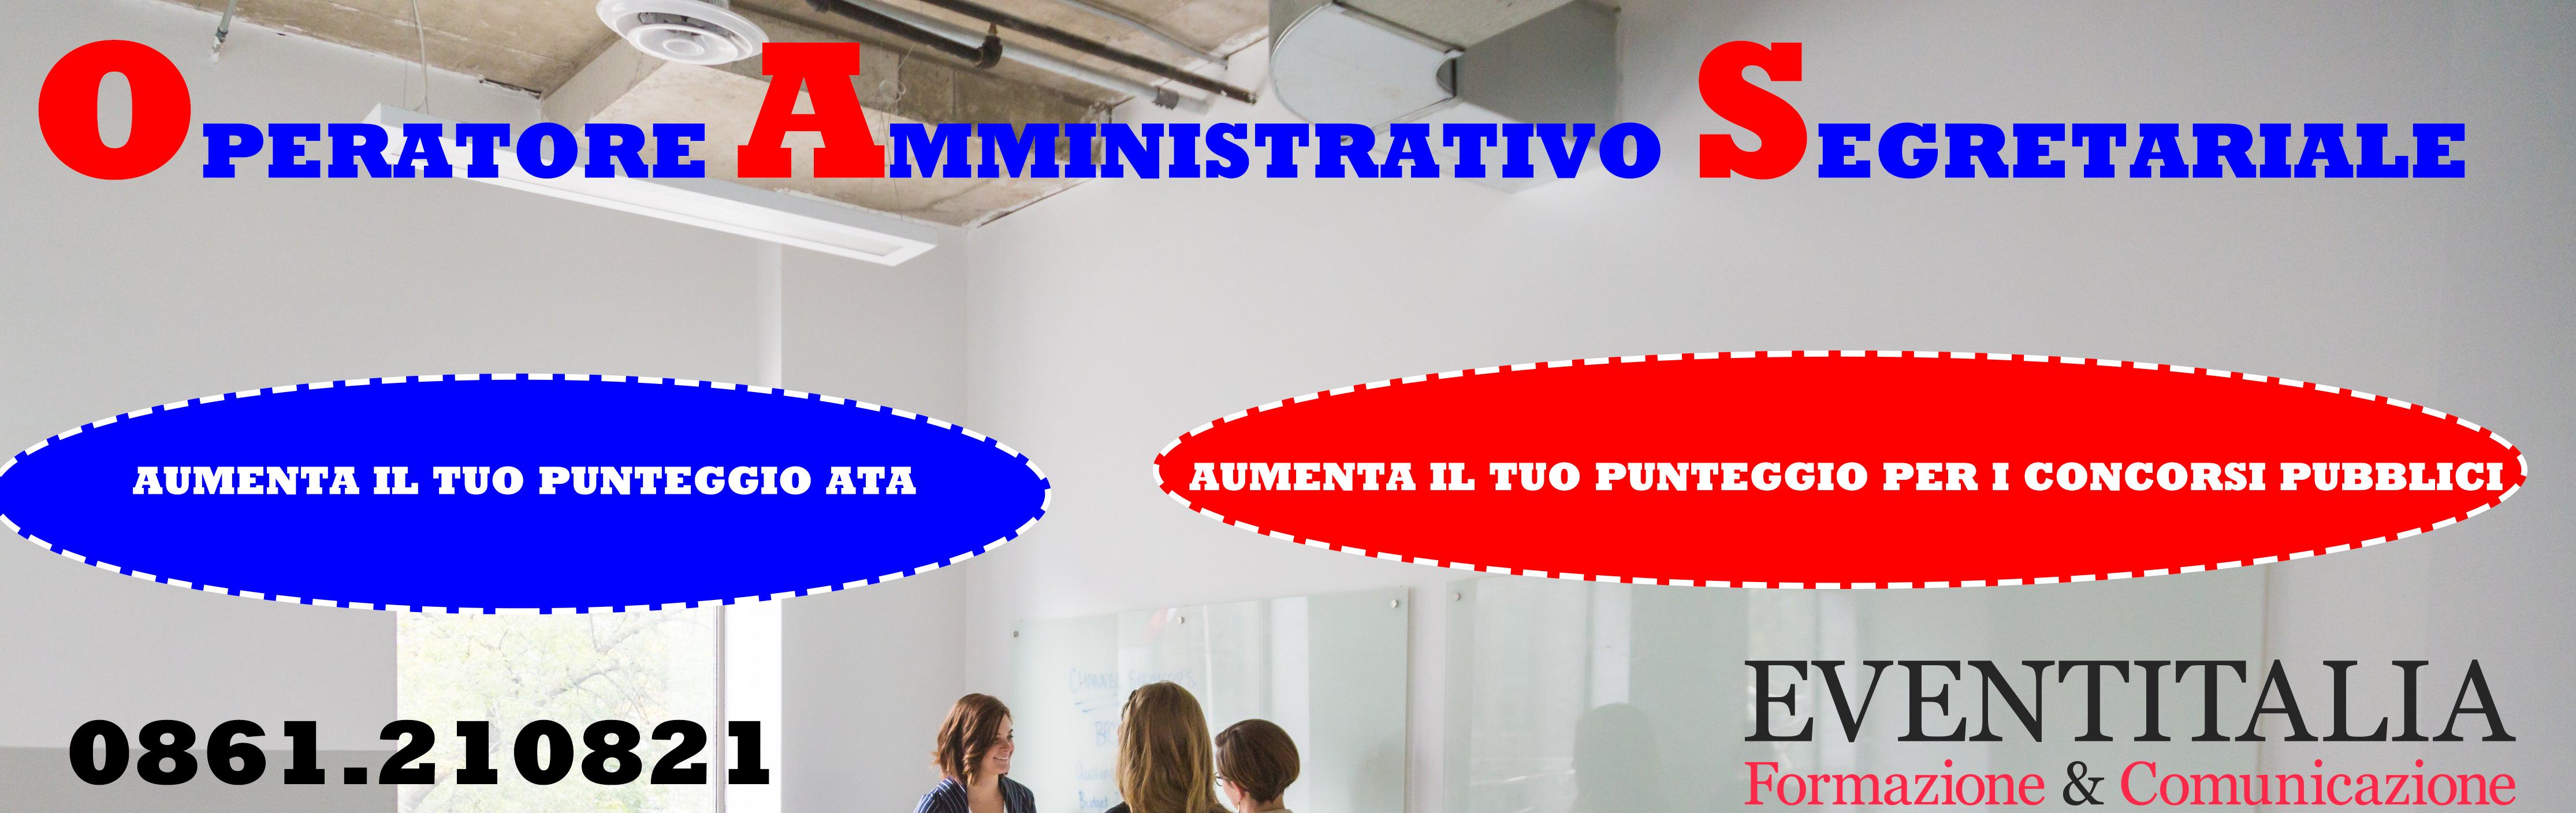 OPERATORE AMMINISTRATIVO SEGRETARIALE